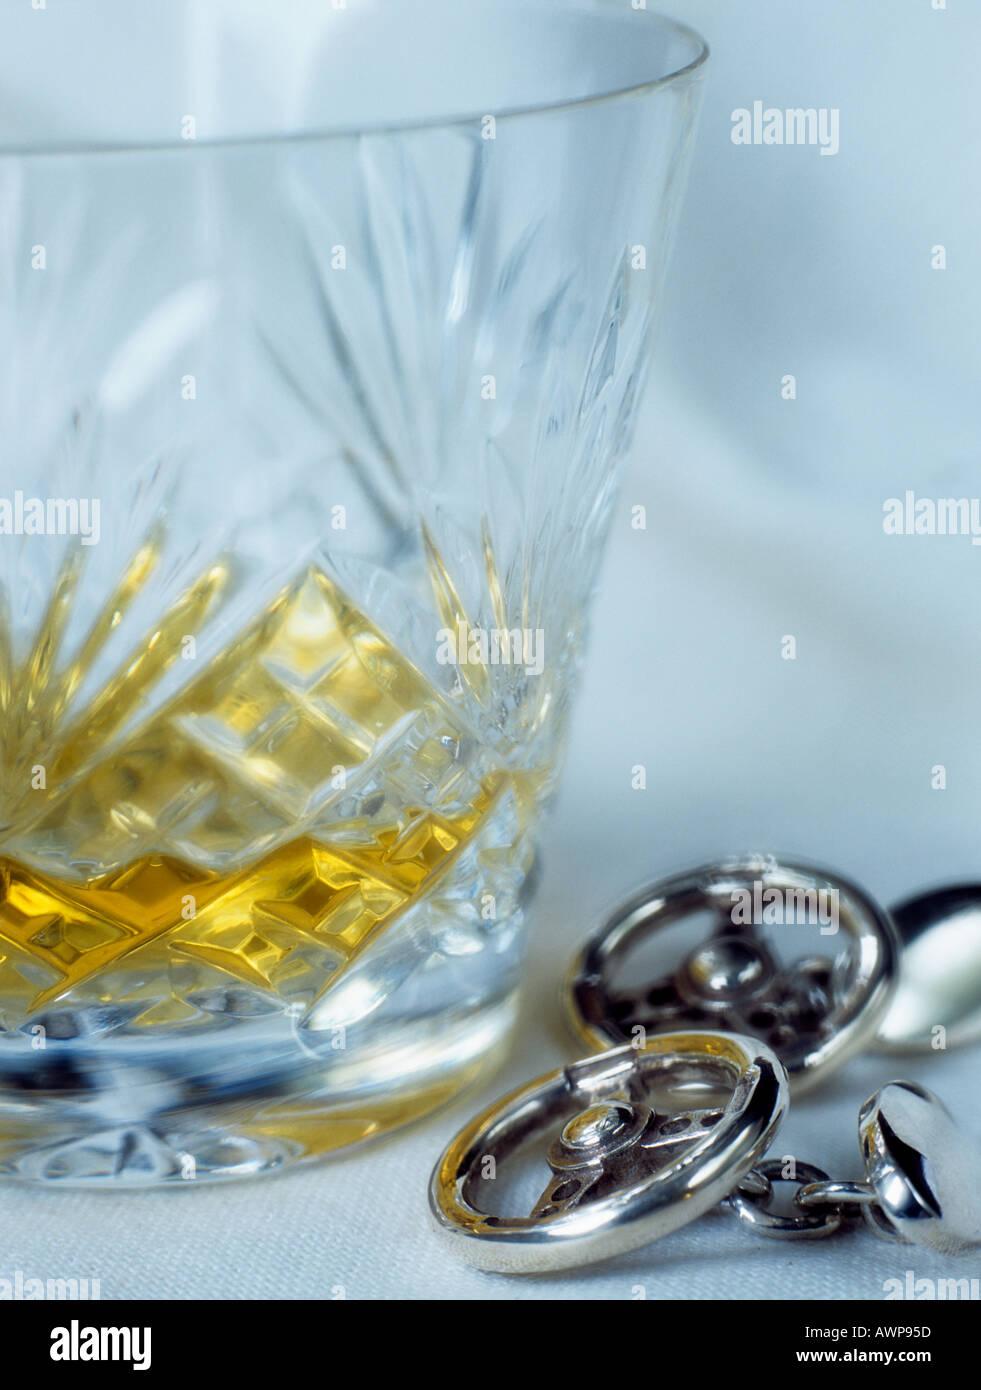 Ein Schuss von single Malt Whisky in einem Kristall Schnitt Whisky Glas Tumbler neben Herren Lenkrad Manschettenknöpfe illustrieren nicht trinken Antriebskonzept. UK Stockbild